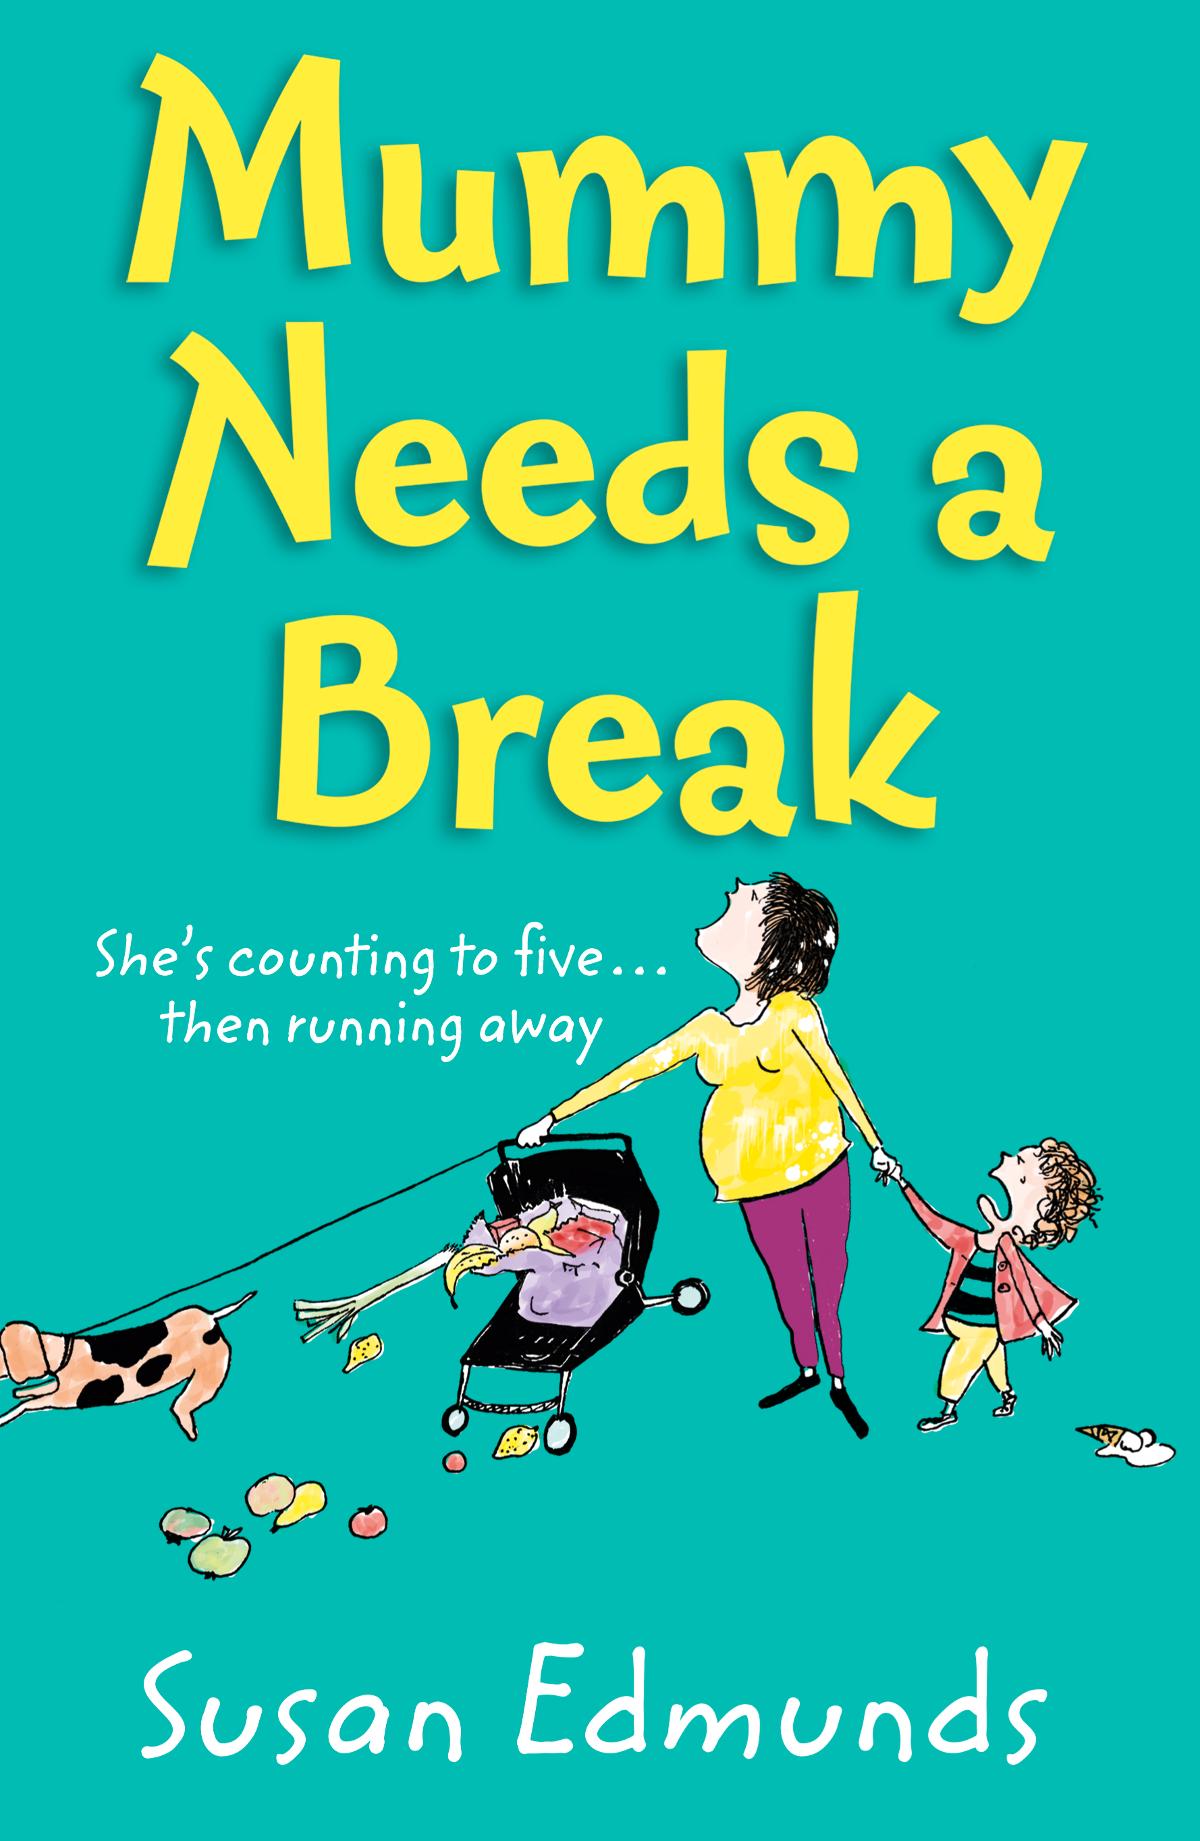 Купить книгу Mummy Needs a Break, автора Susan  Edmunds